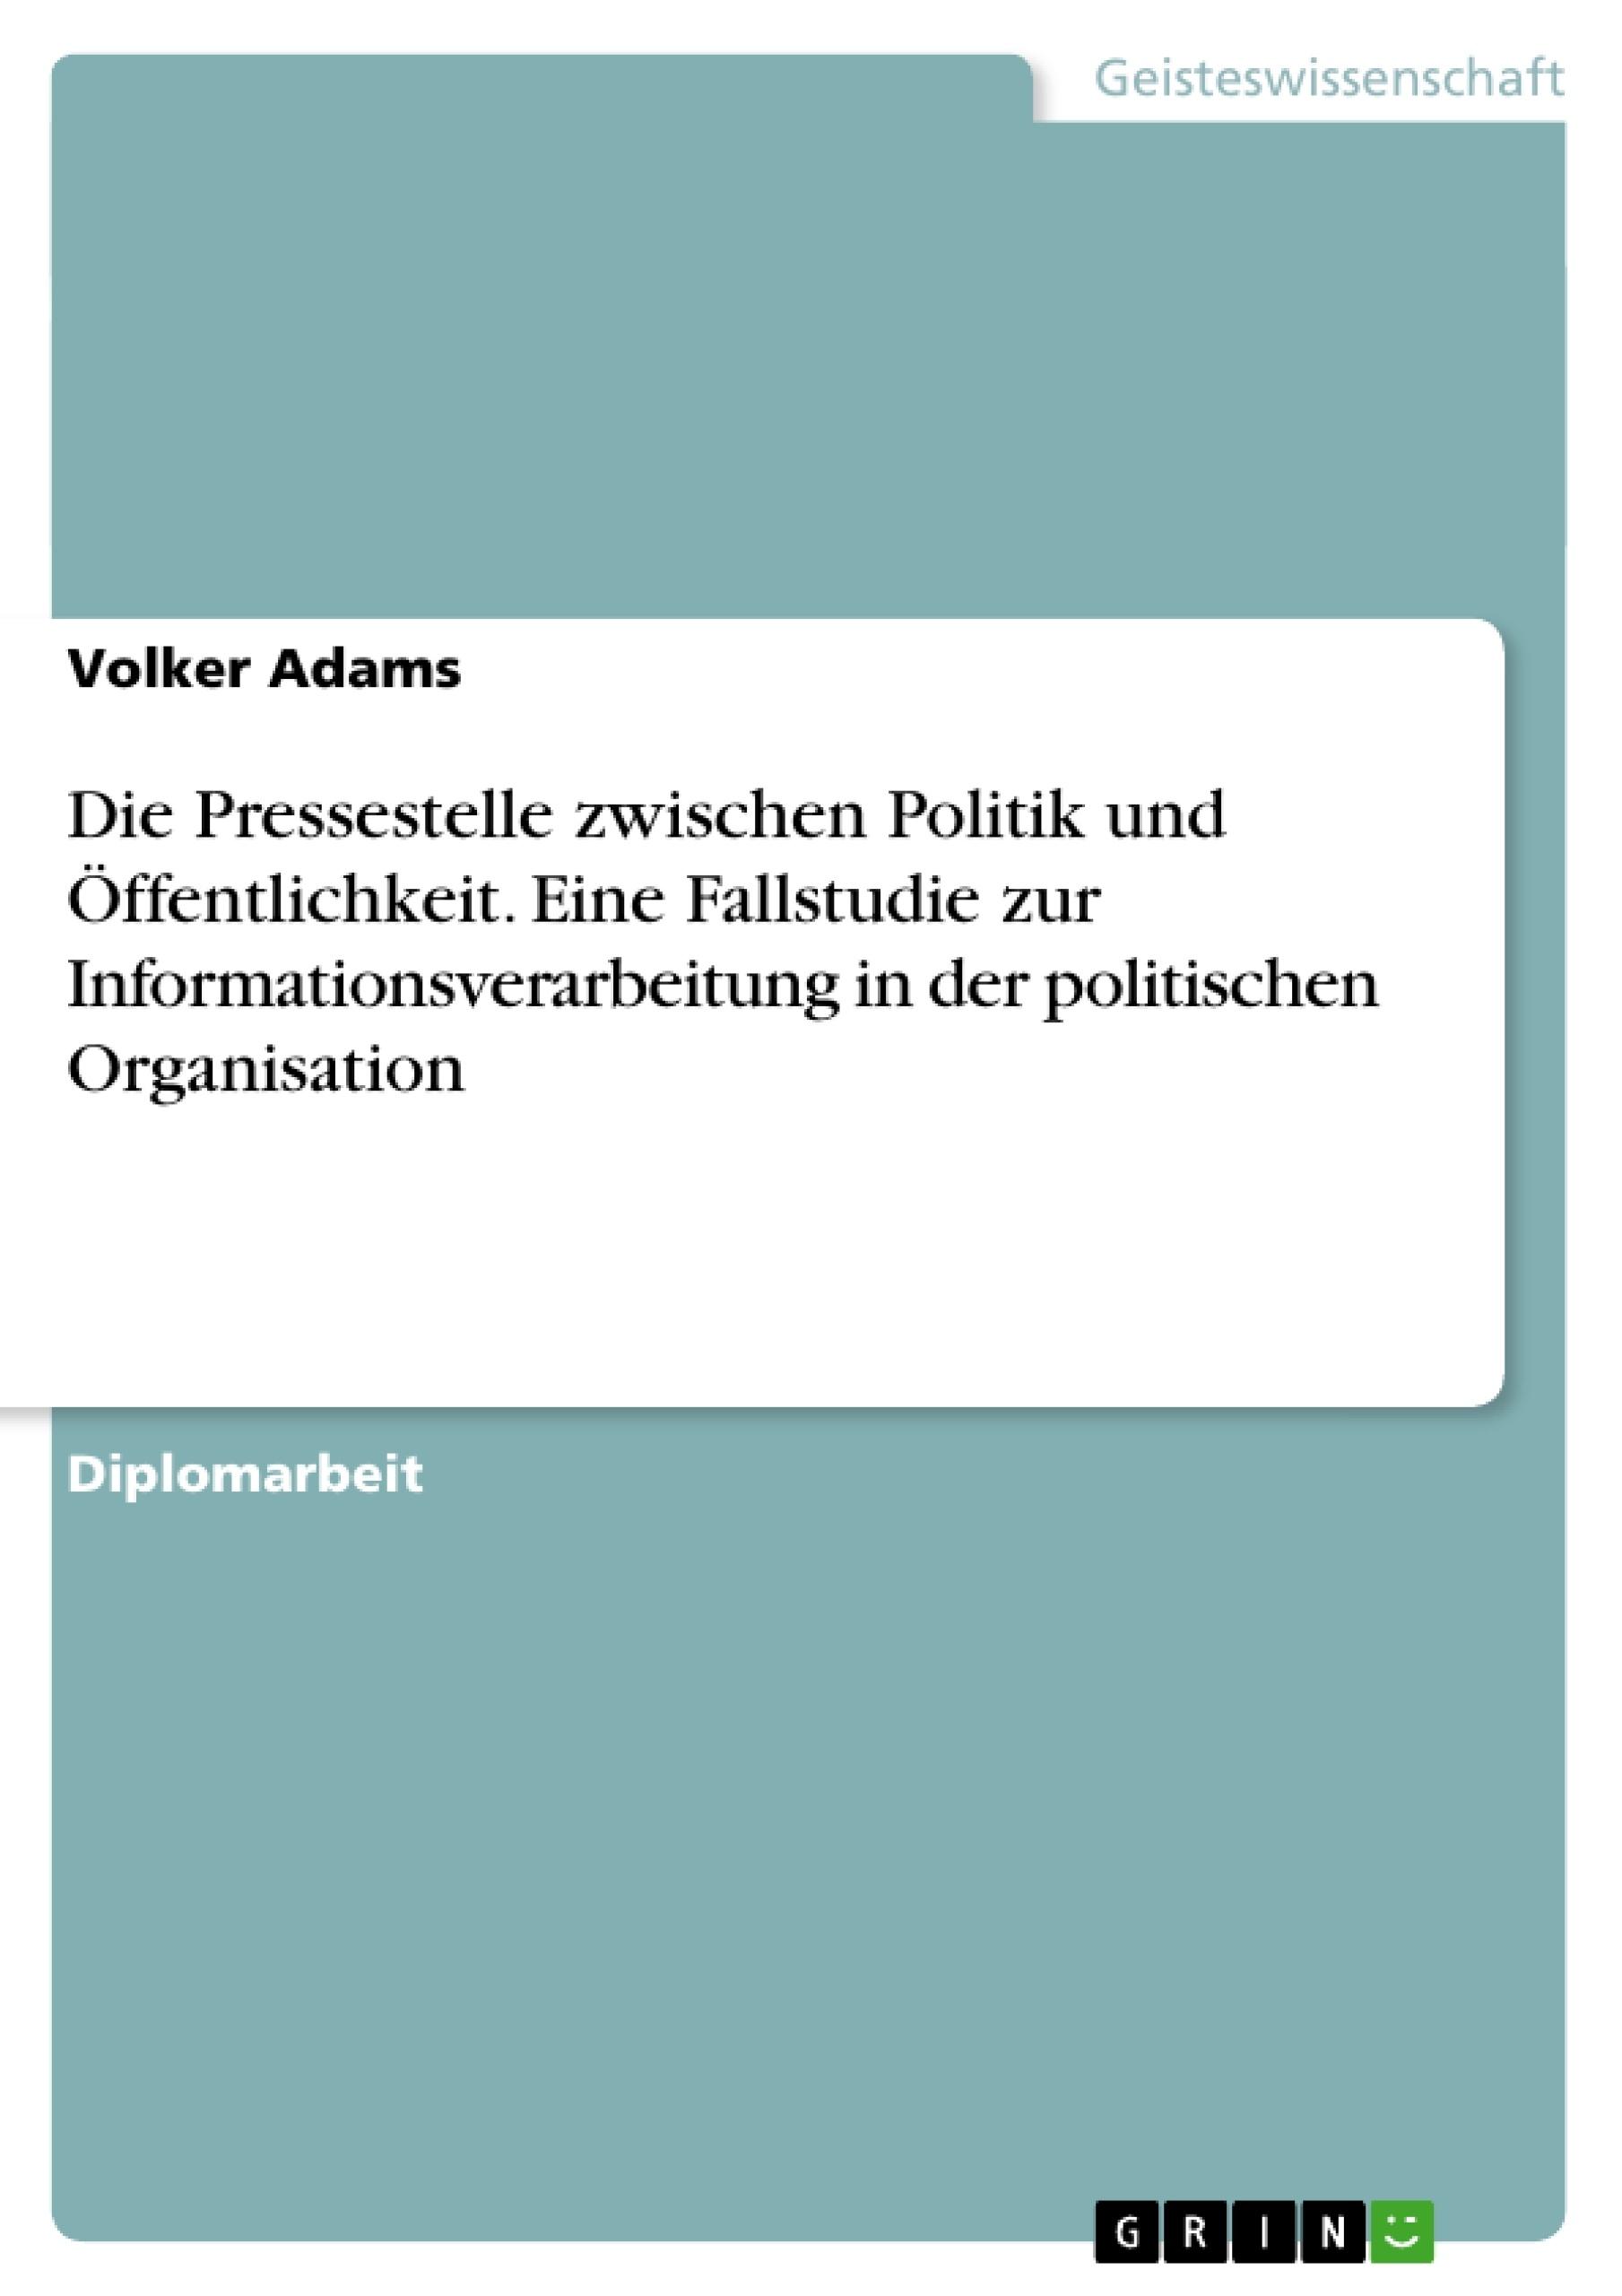 Titel: Die Pressestelle zwischen Politik und Öffentlichkeit. Eine Fallstudie zur Informationsverarbeitung in der politischen Organisation